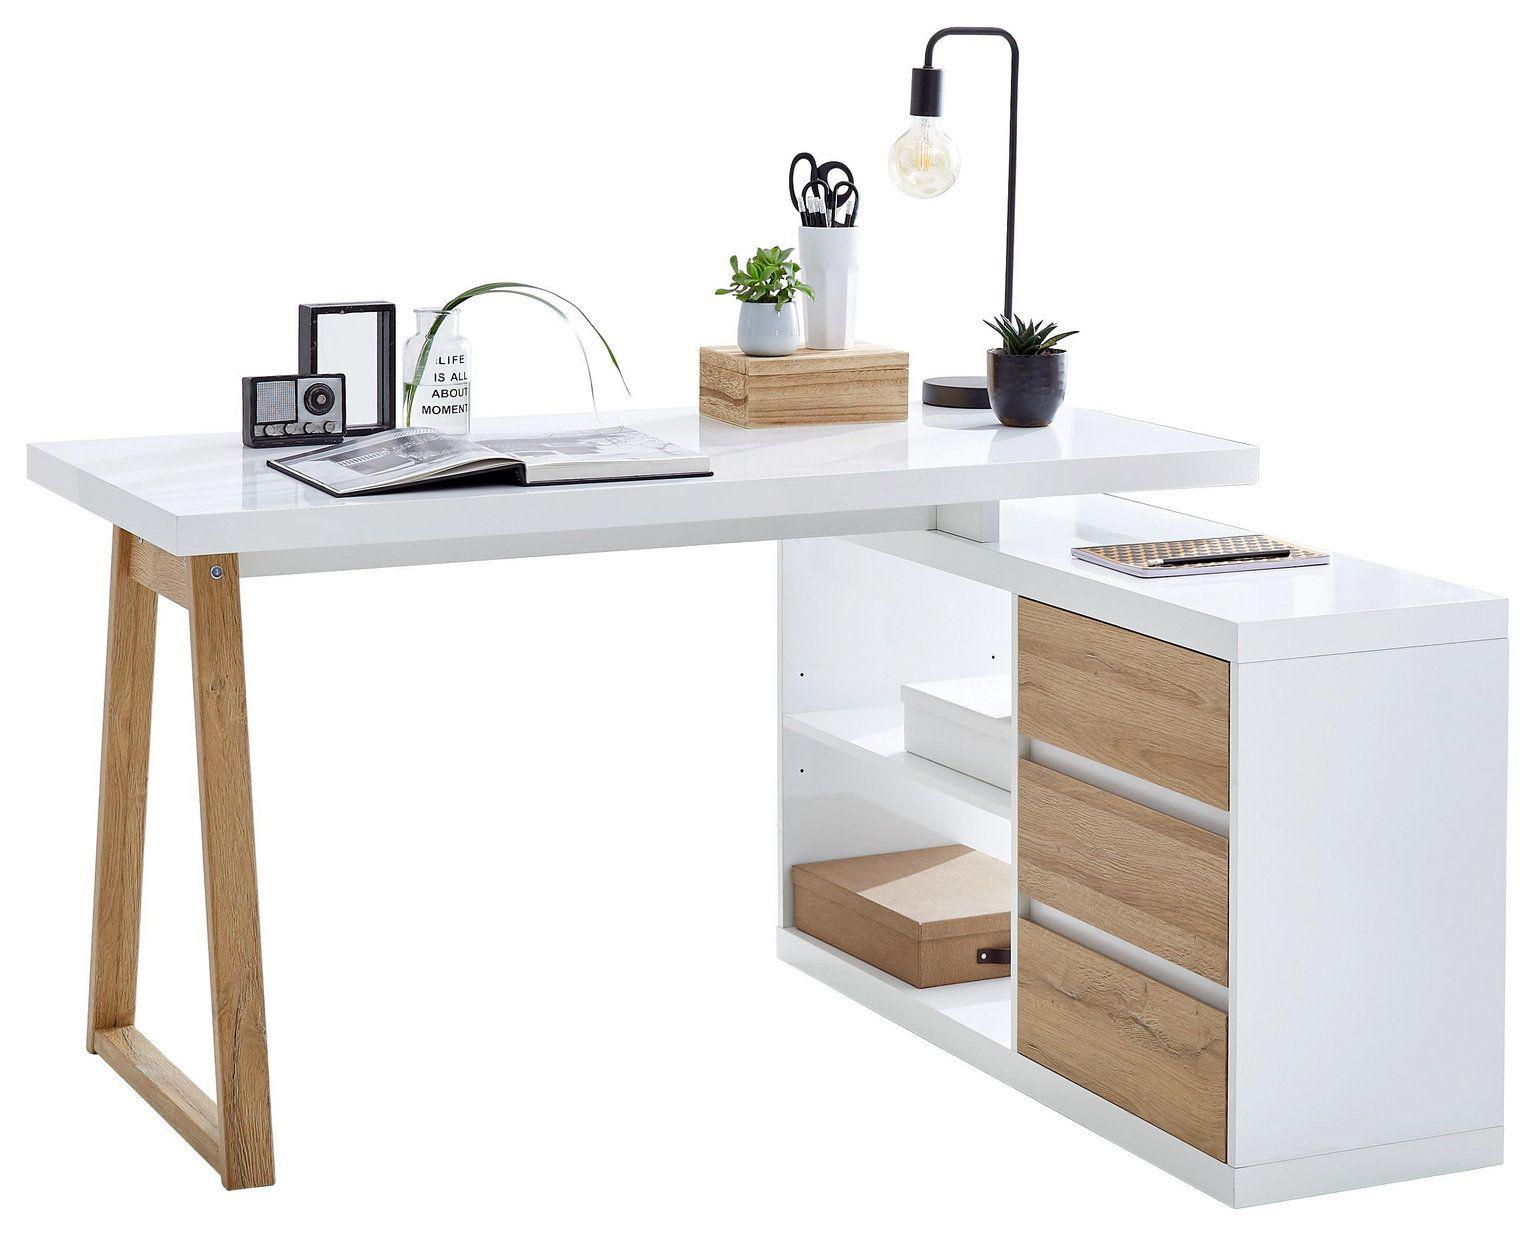 Eckschreibtisch Regal Schubladen Online Kaufen In 2020 Eckschreibtisch Eckschreibtisch Weiss Schreibtischkombination